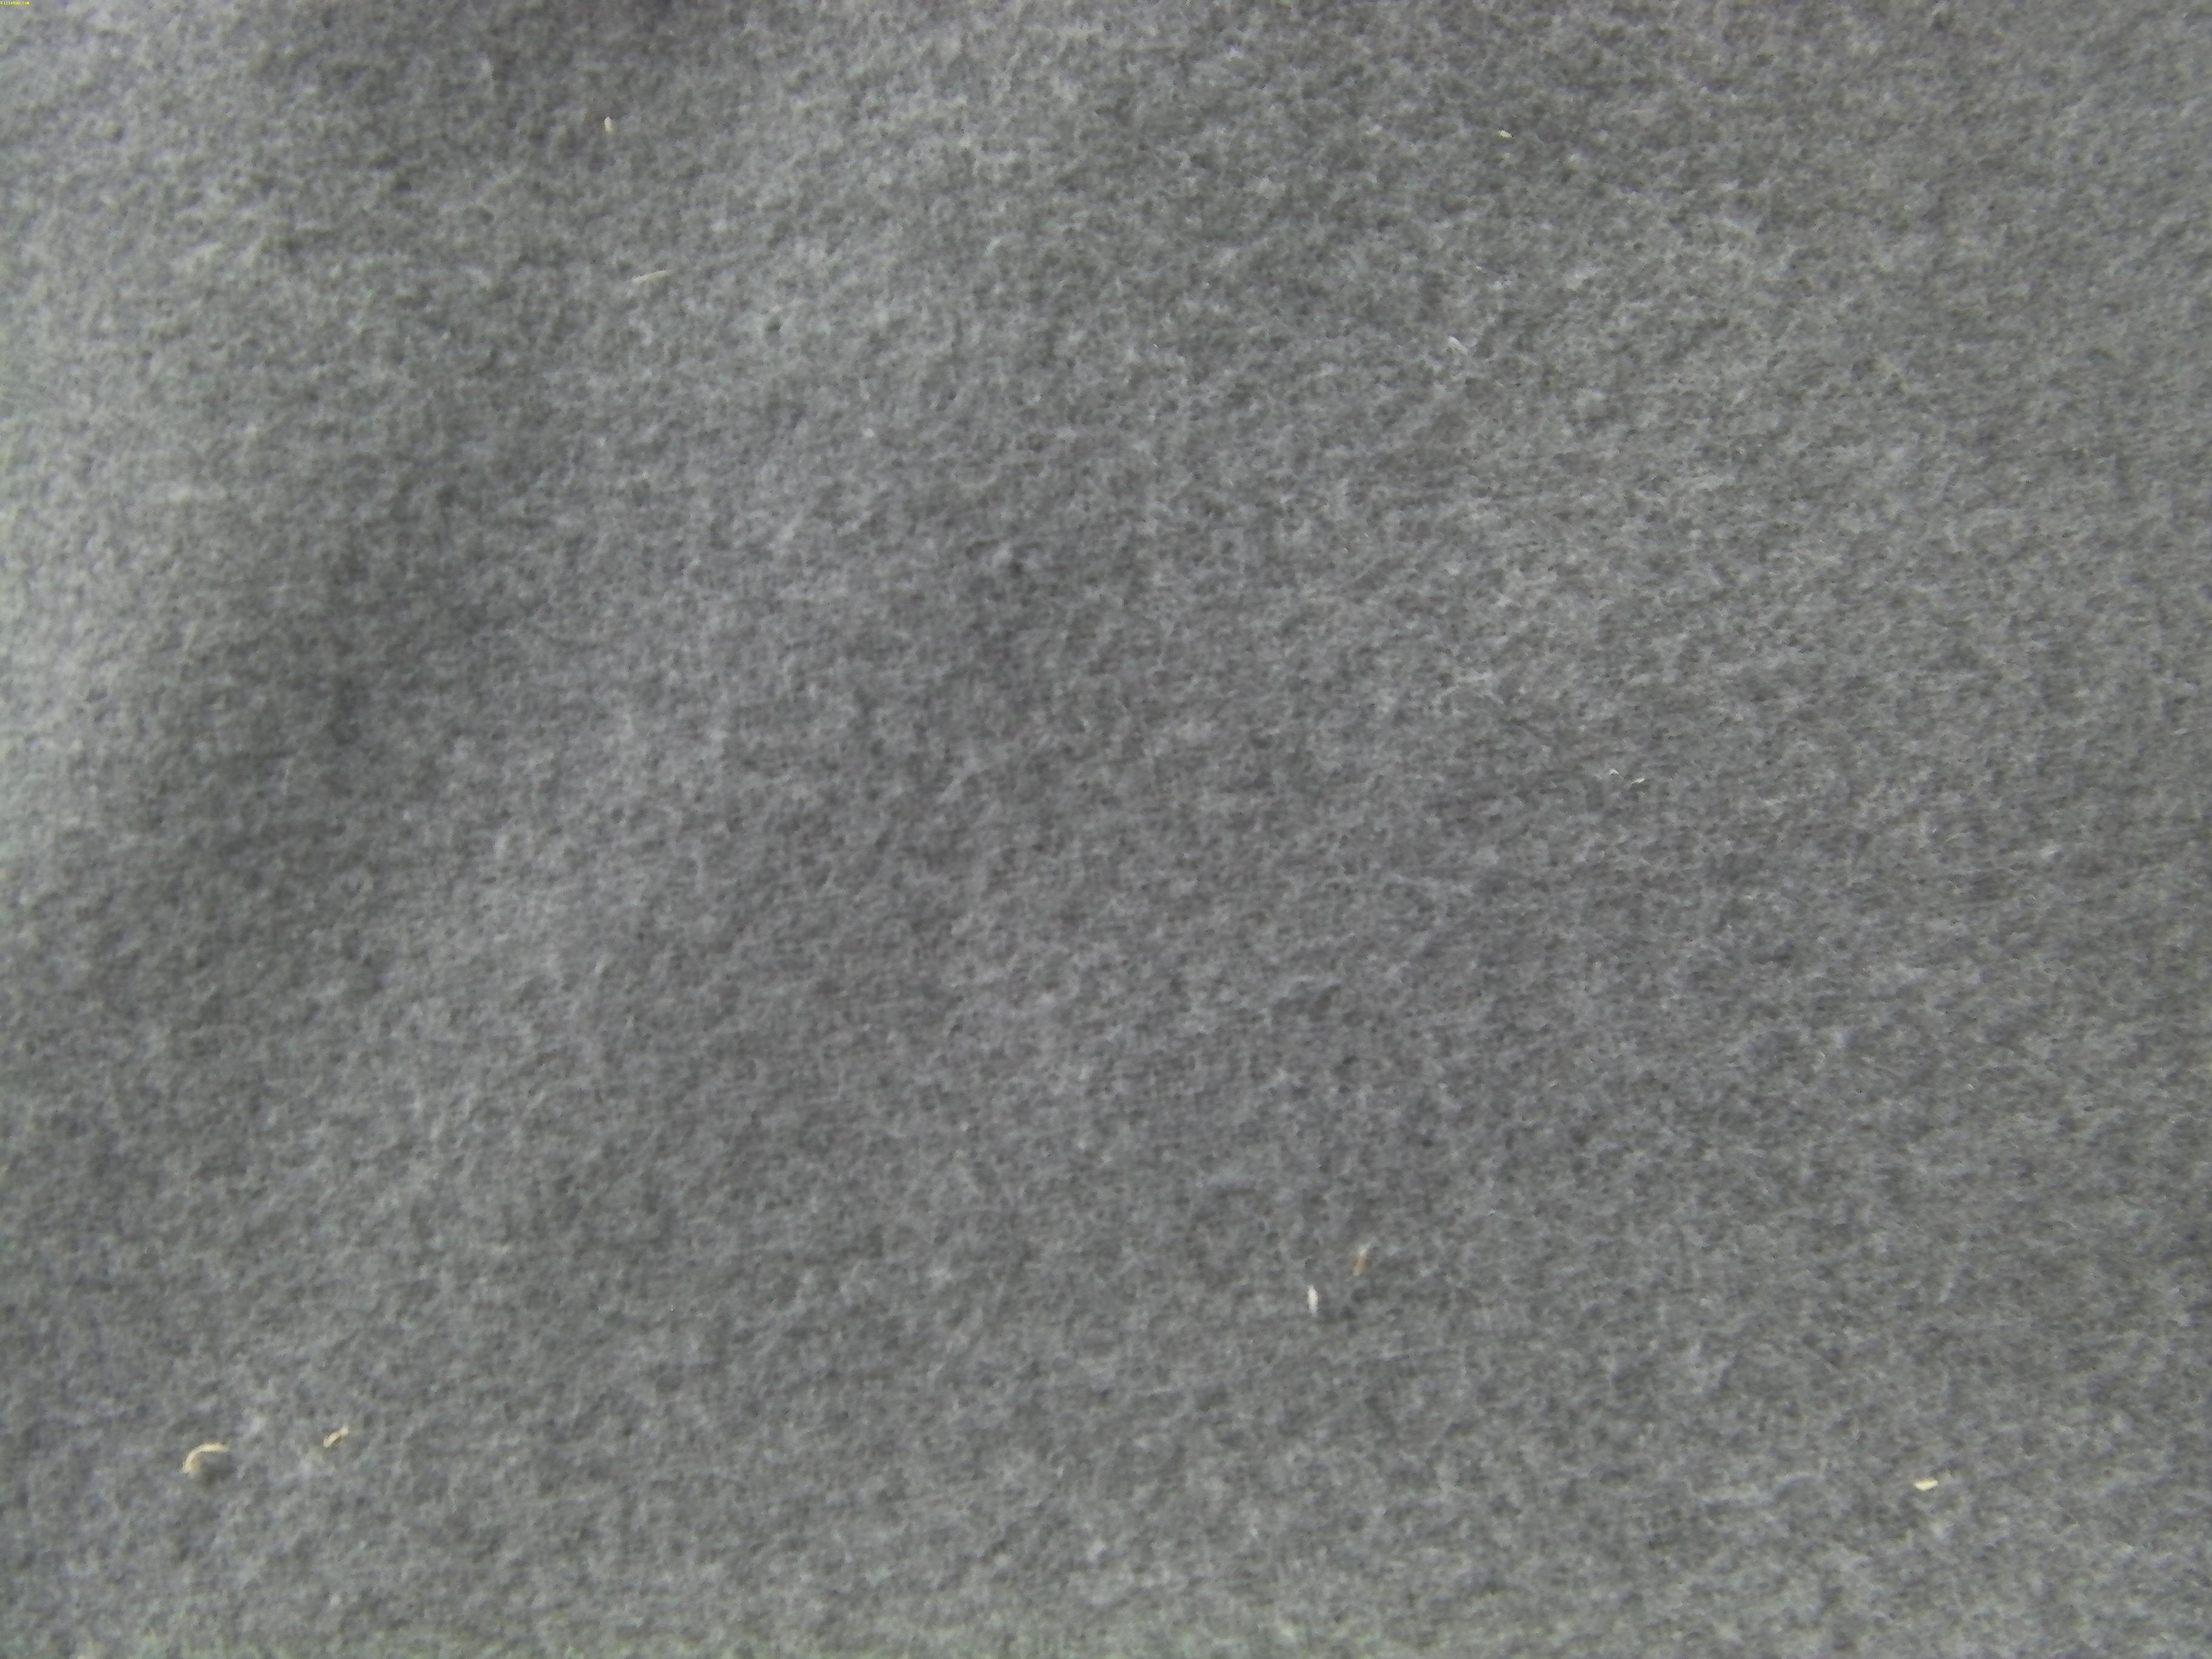 灰色高清背景素材